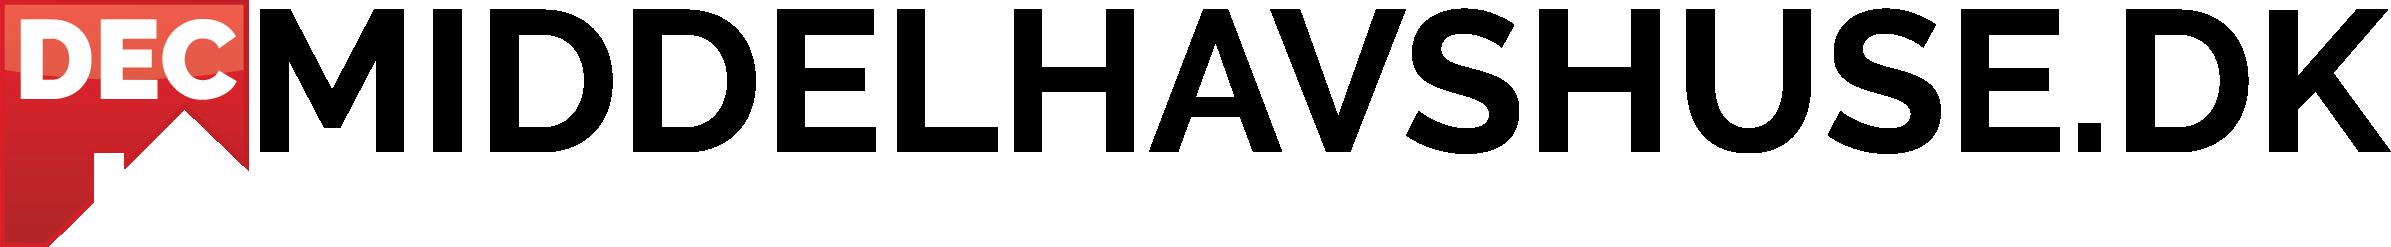 Middelhavshuse